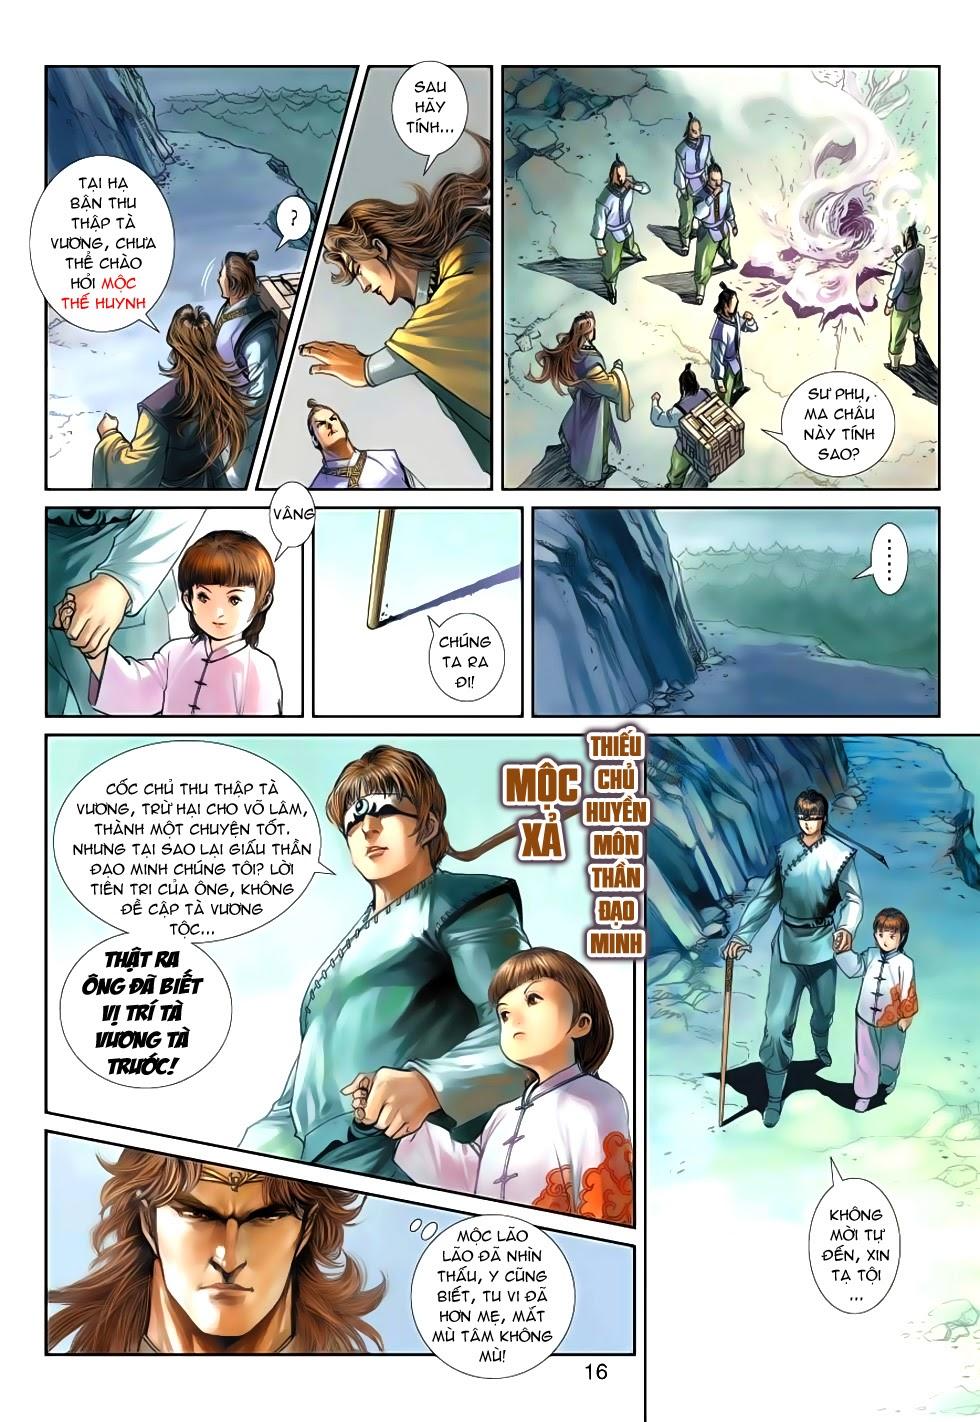 Thần Binh Tiền Truyện 4 - Huyền Thiên Tà Đế chap 5 - Trang 16